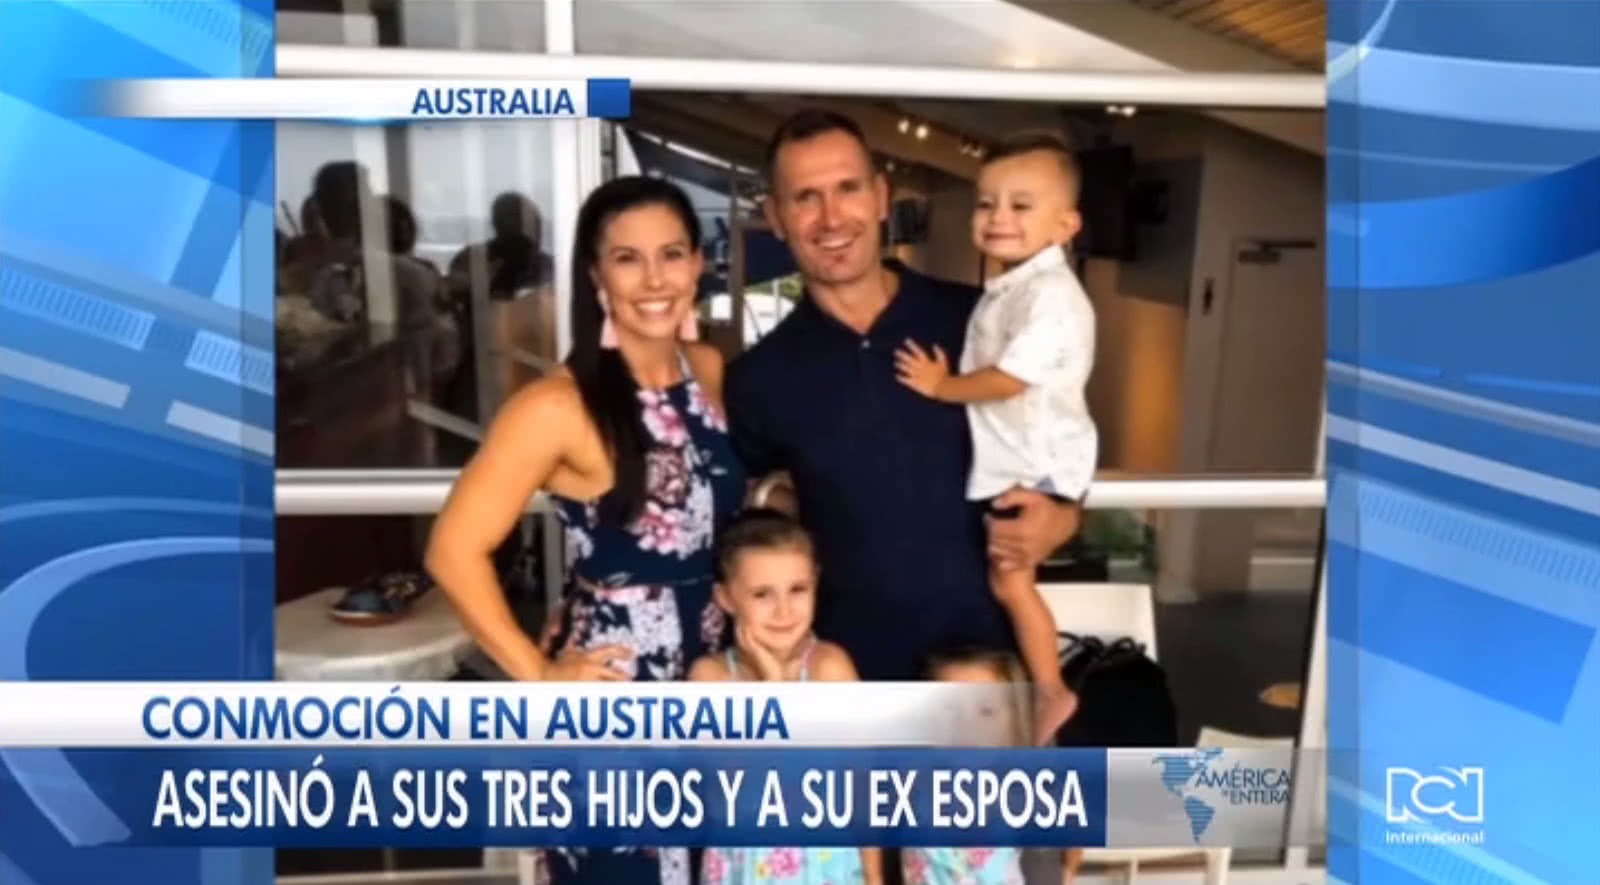 Exjugador de rugby asesina a sus tres hijos y a su exesposa en Australia